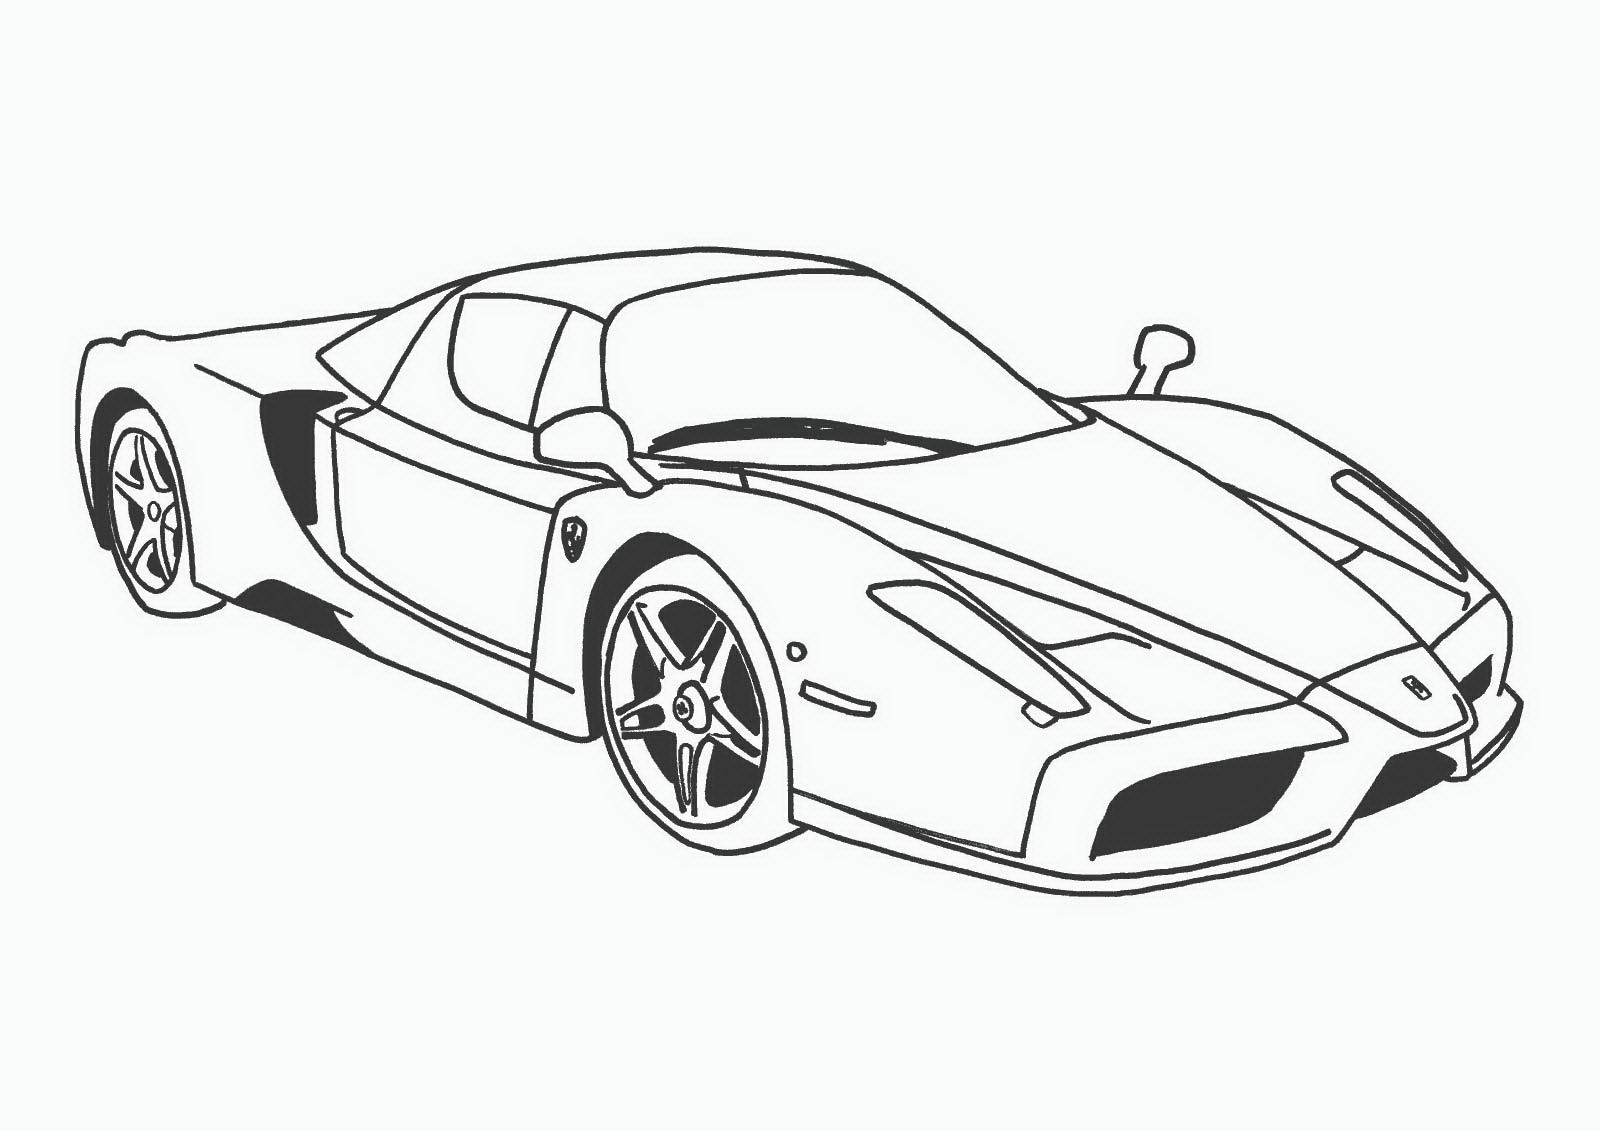 Распечатать раскраску машину